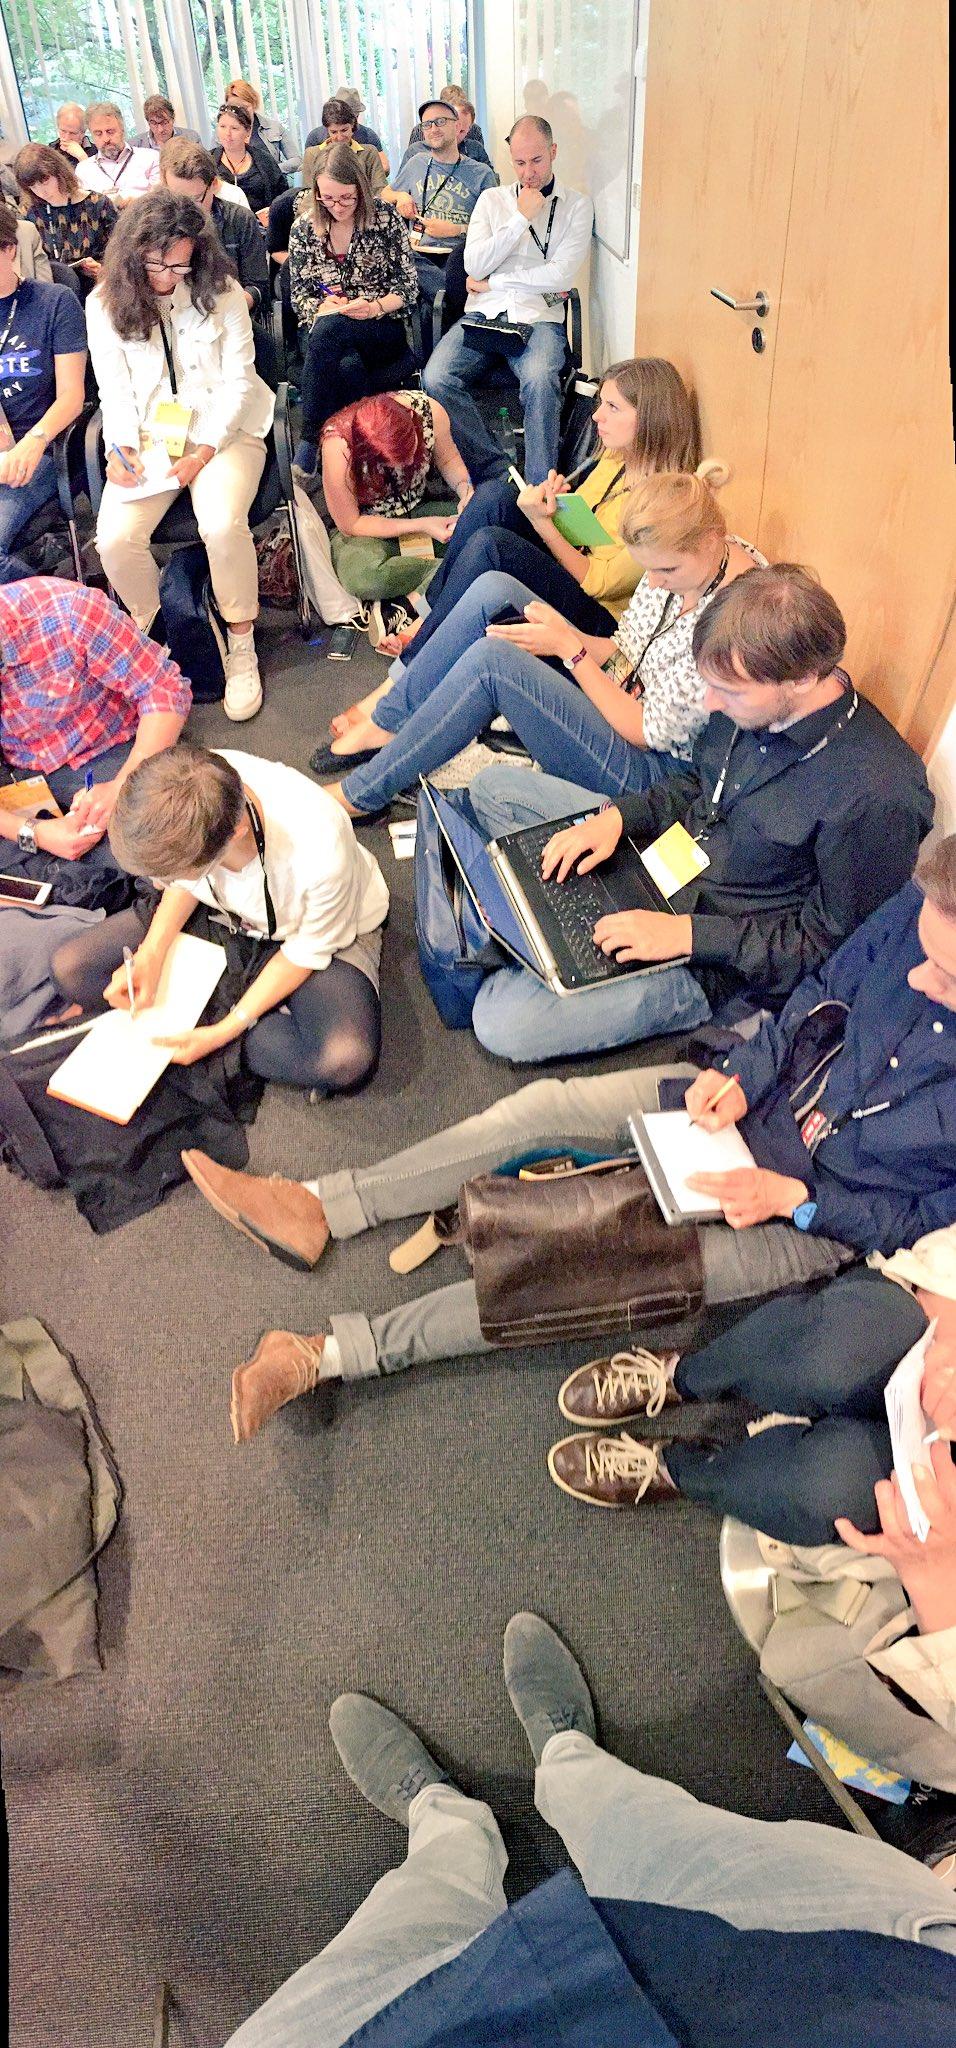 Innovationen und #DesignThinking scheinen am #nr16 zu interessieren. #FromWhereIStand https://t.co/3d6S202Oyk